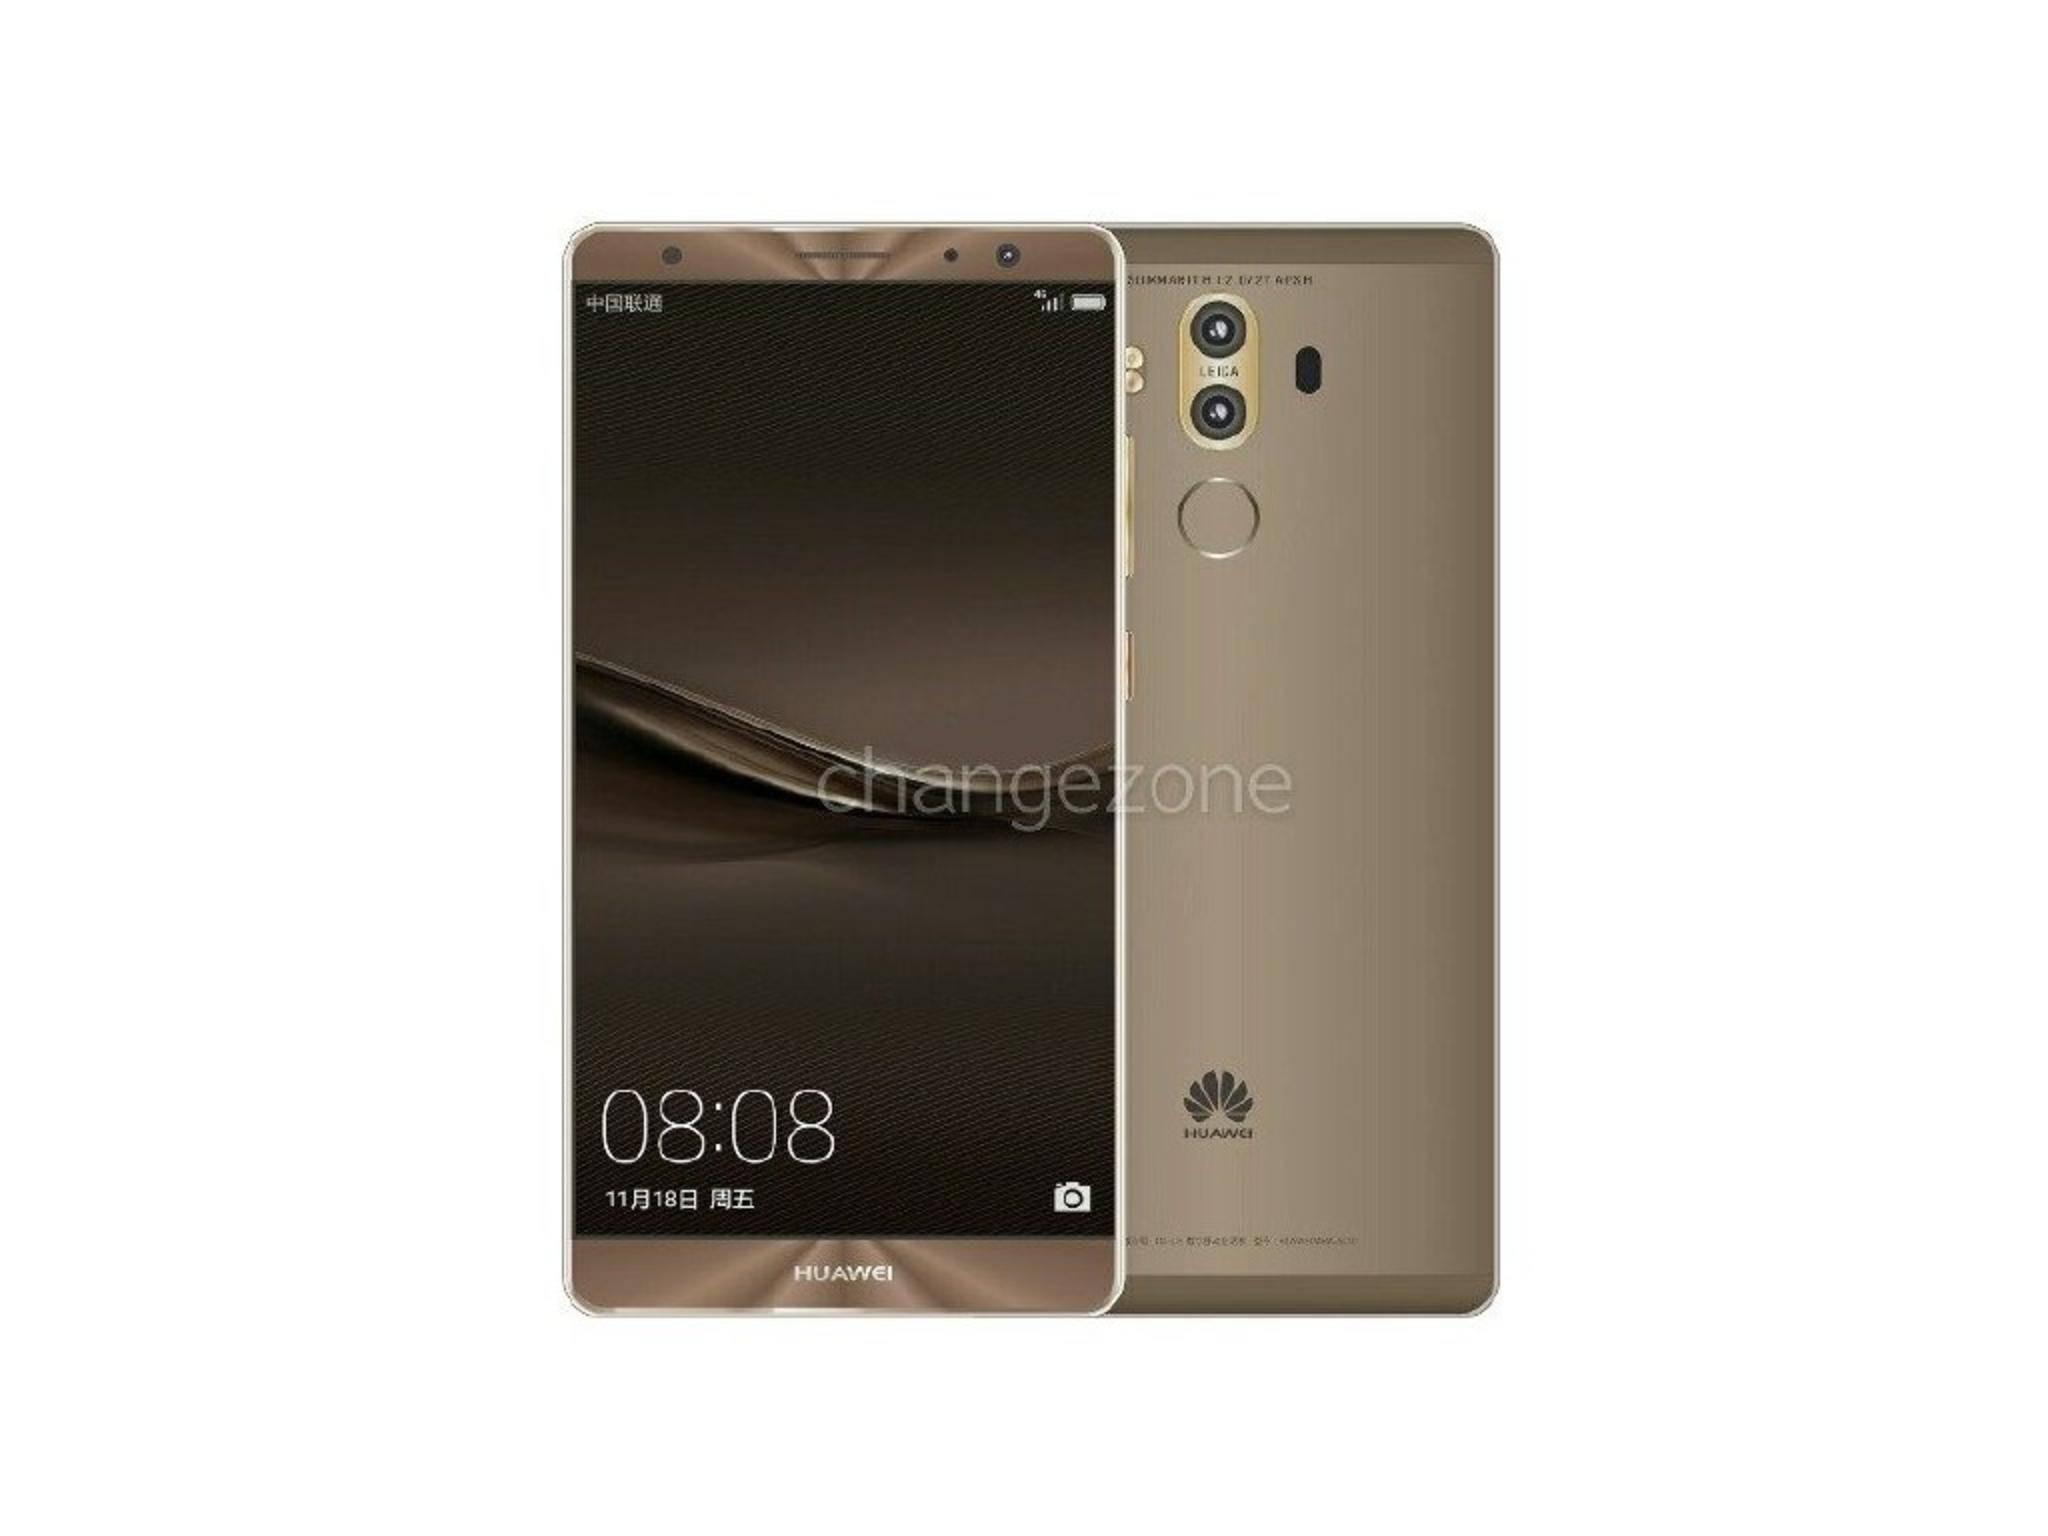 Das Huawei Mate 9 soll in 5 Minuten 50 Prozent des Akkus aufladen können.